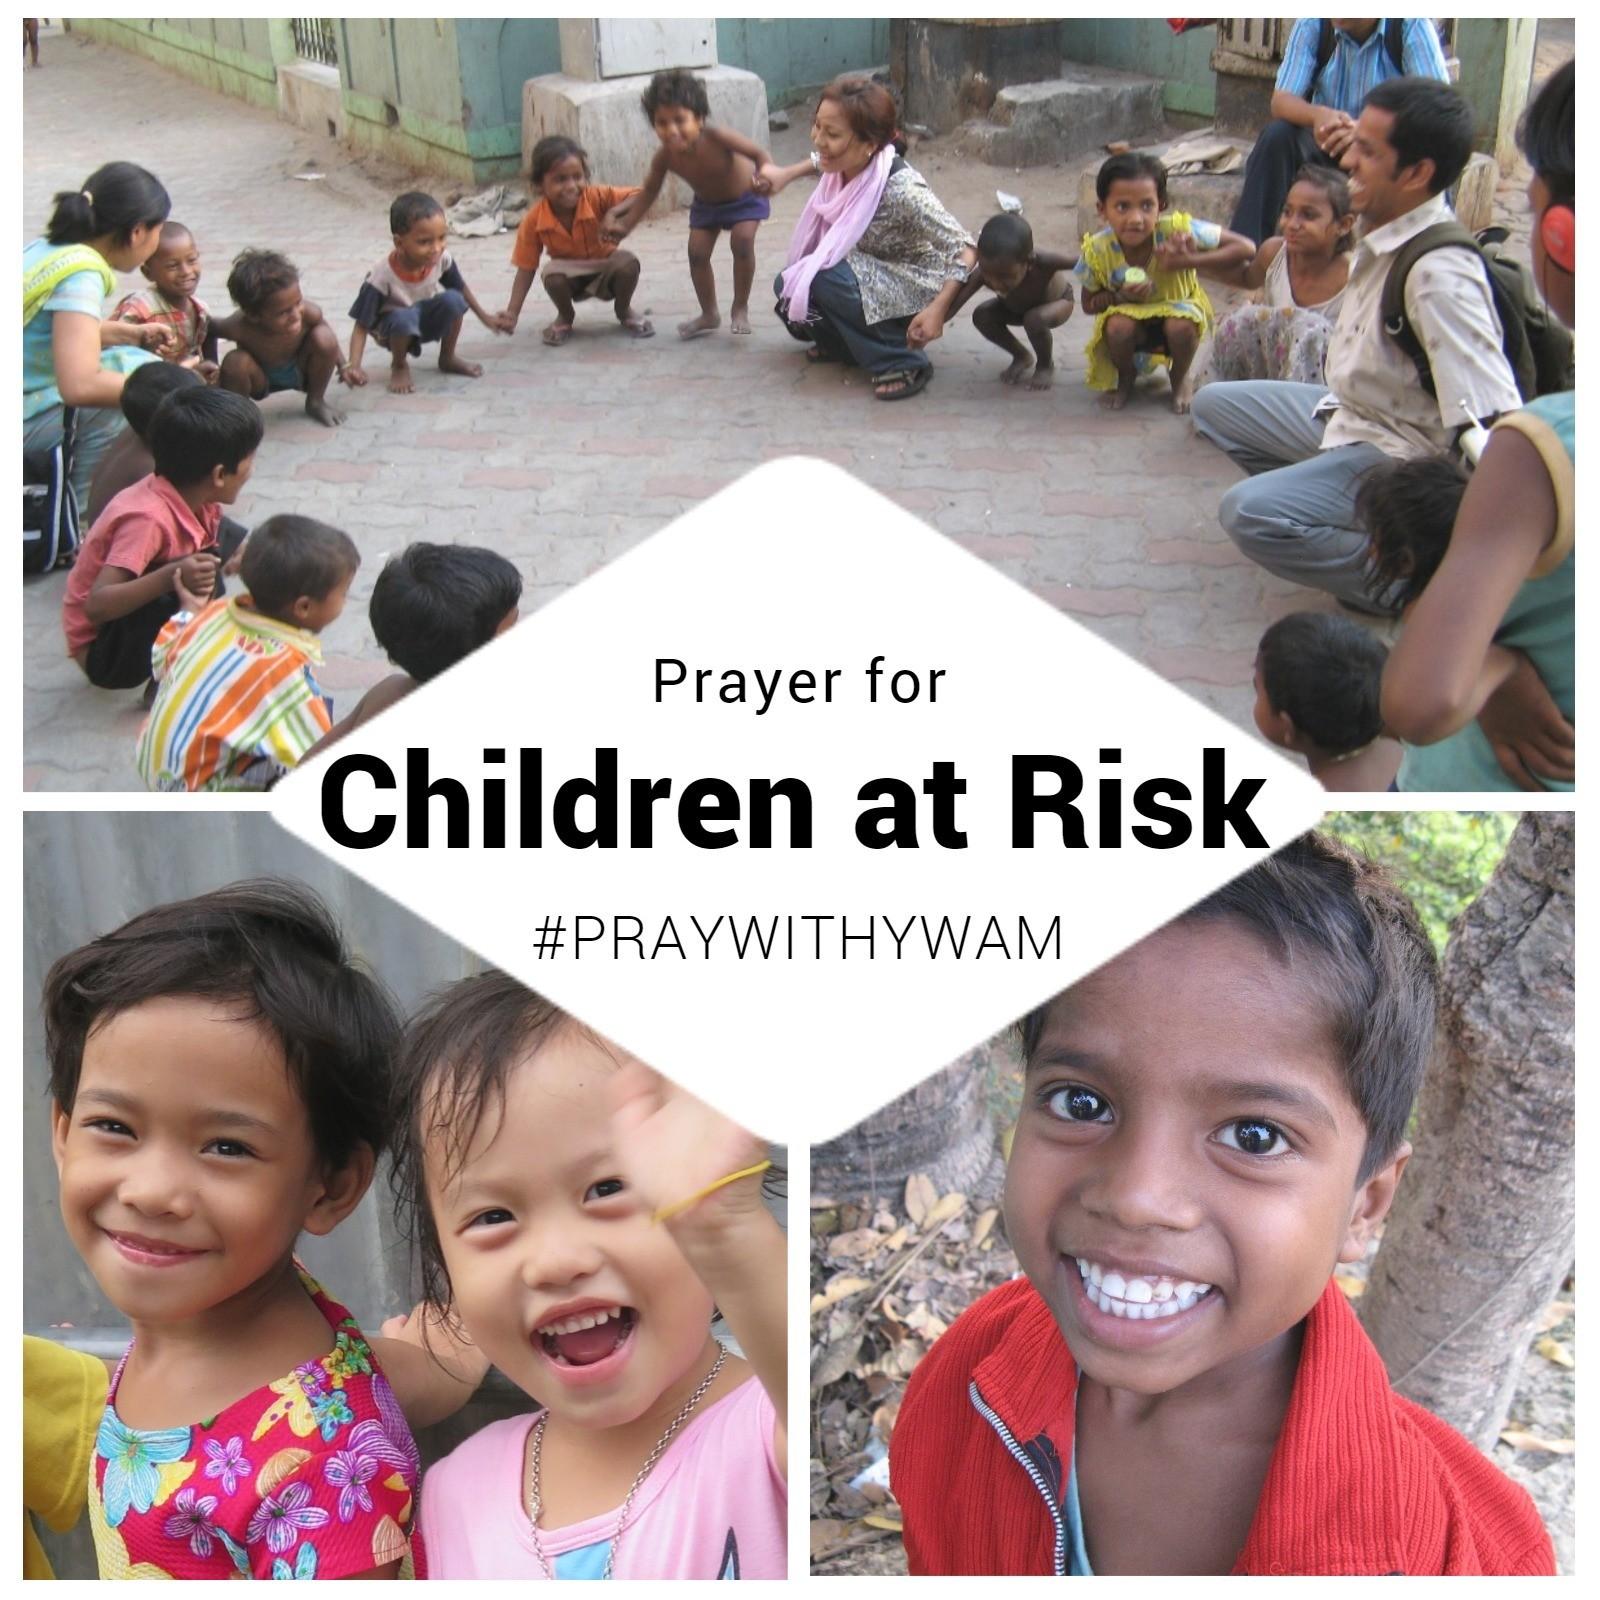 Prayer-for-Children-at-Risk